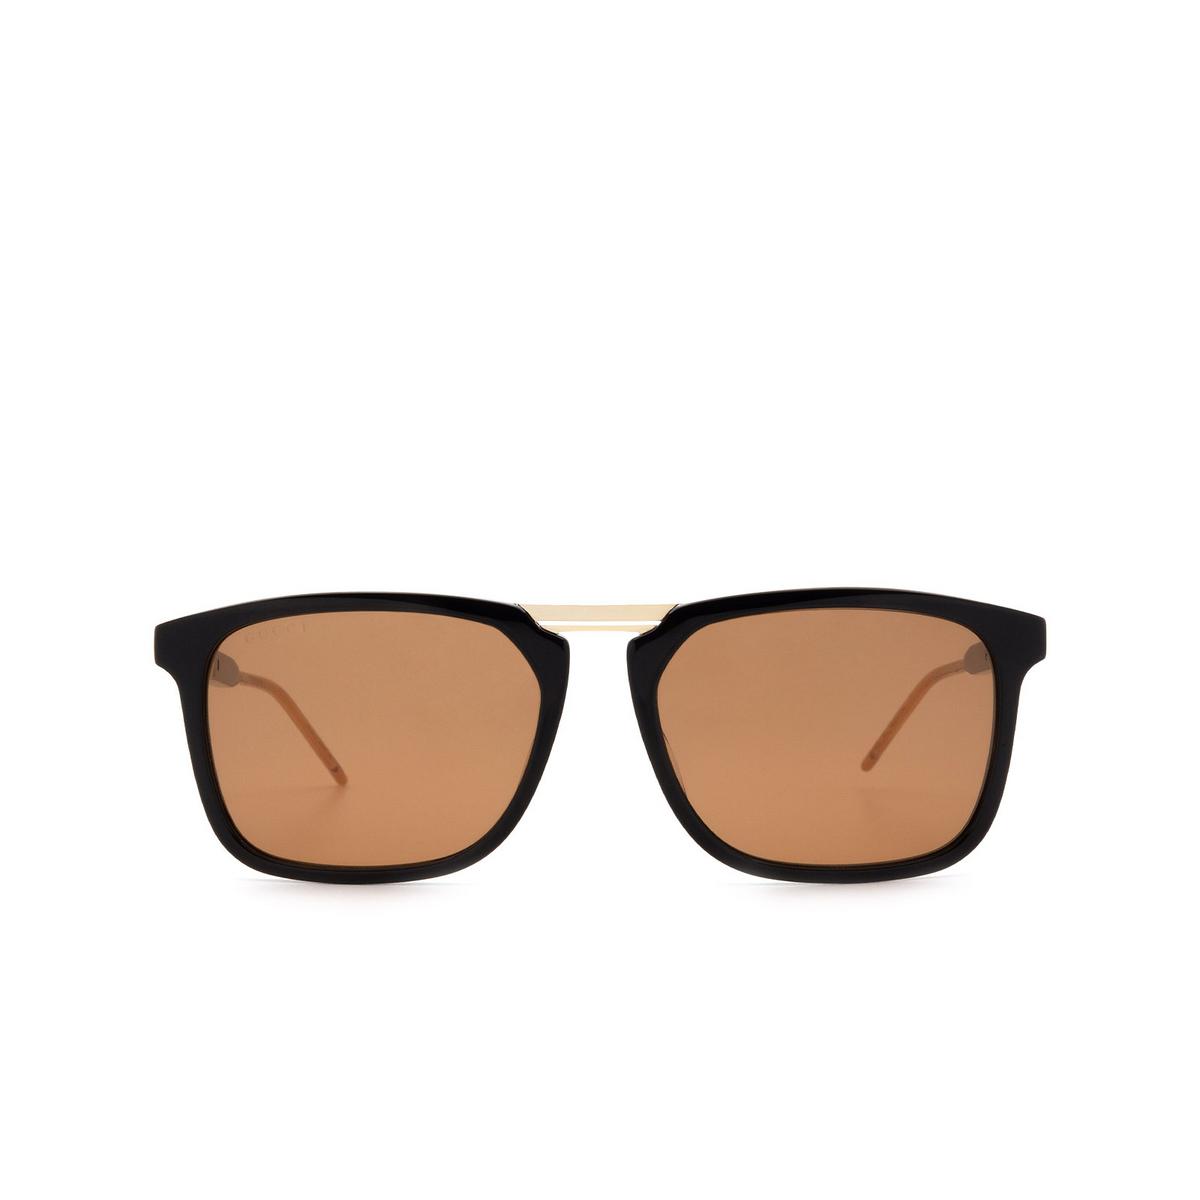 Gucci® Square Sunglasses: GG0842S color Black 001 - 1/3.